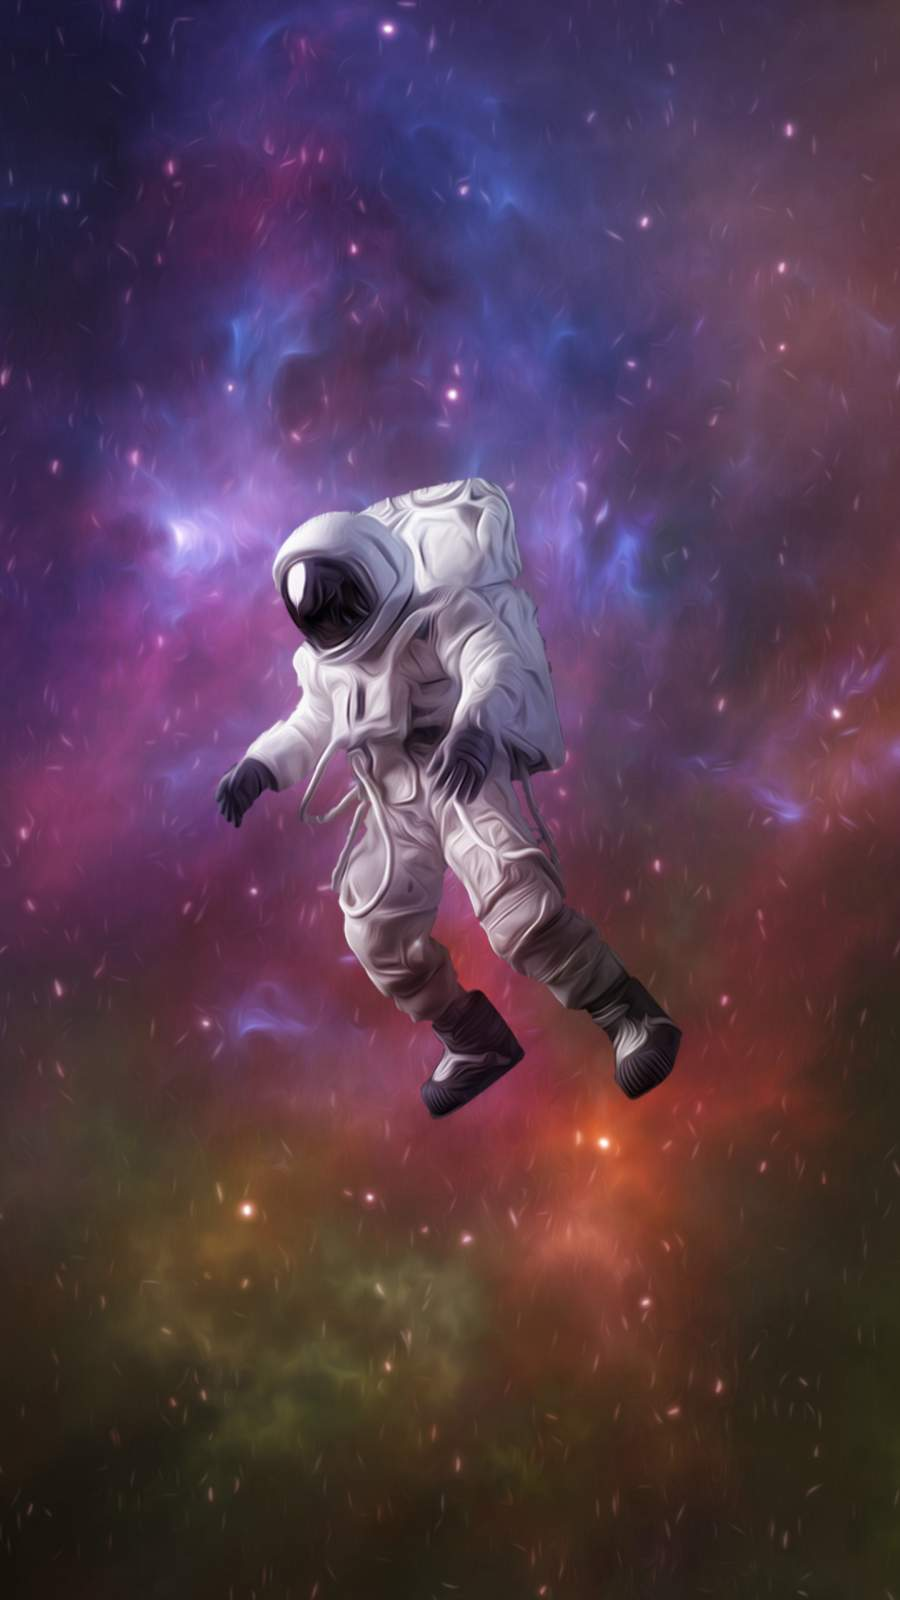 4K Astronaut iPhone Wallpaper